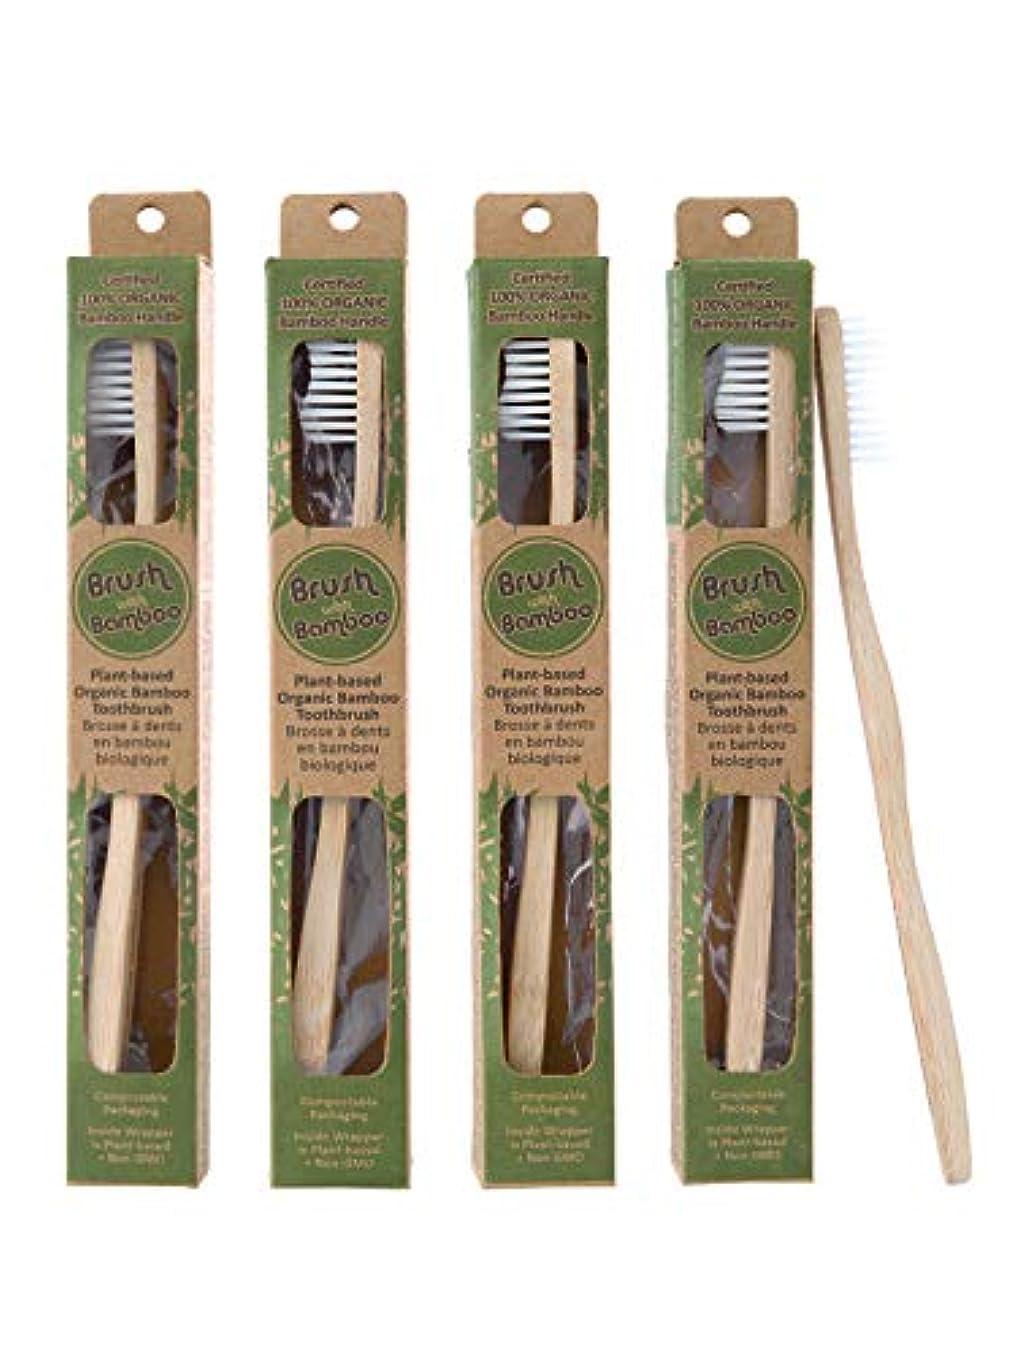 ヘッジゴシップ有名Plant-based Bamboo Toothbrush Adult Size 4 Pack by Brush with Bamboo